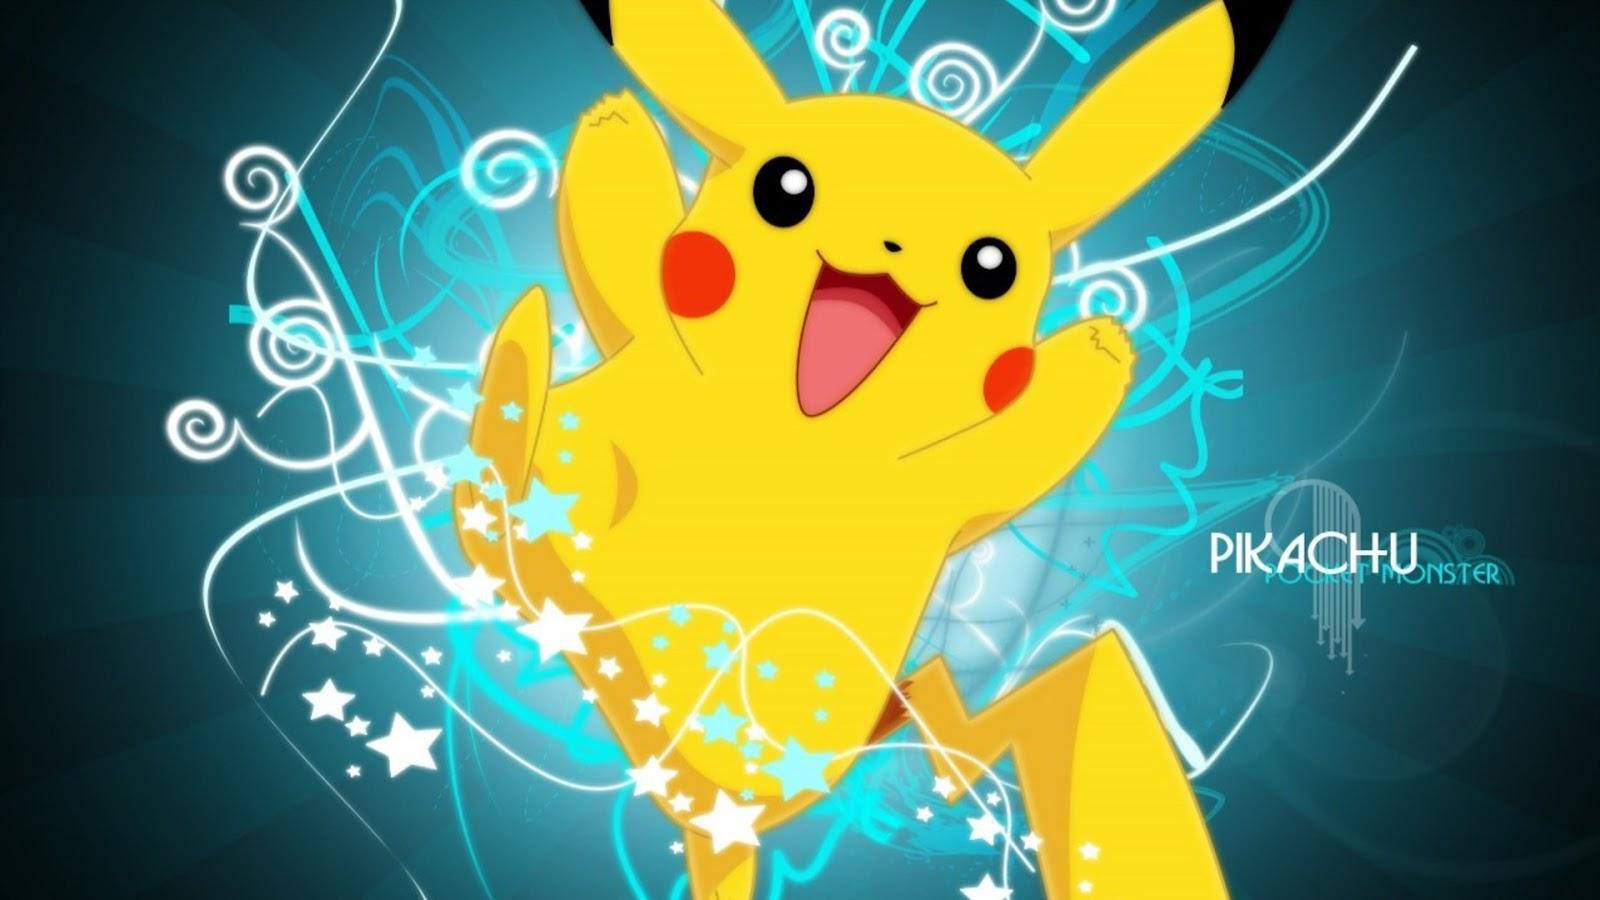 Hình ảnh và hình nền pikachu